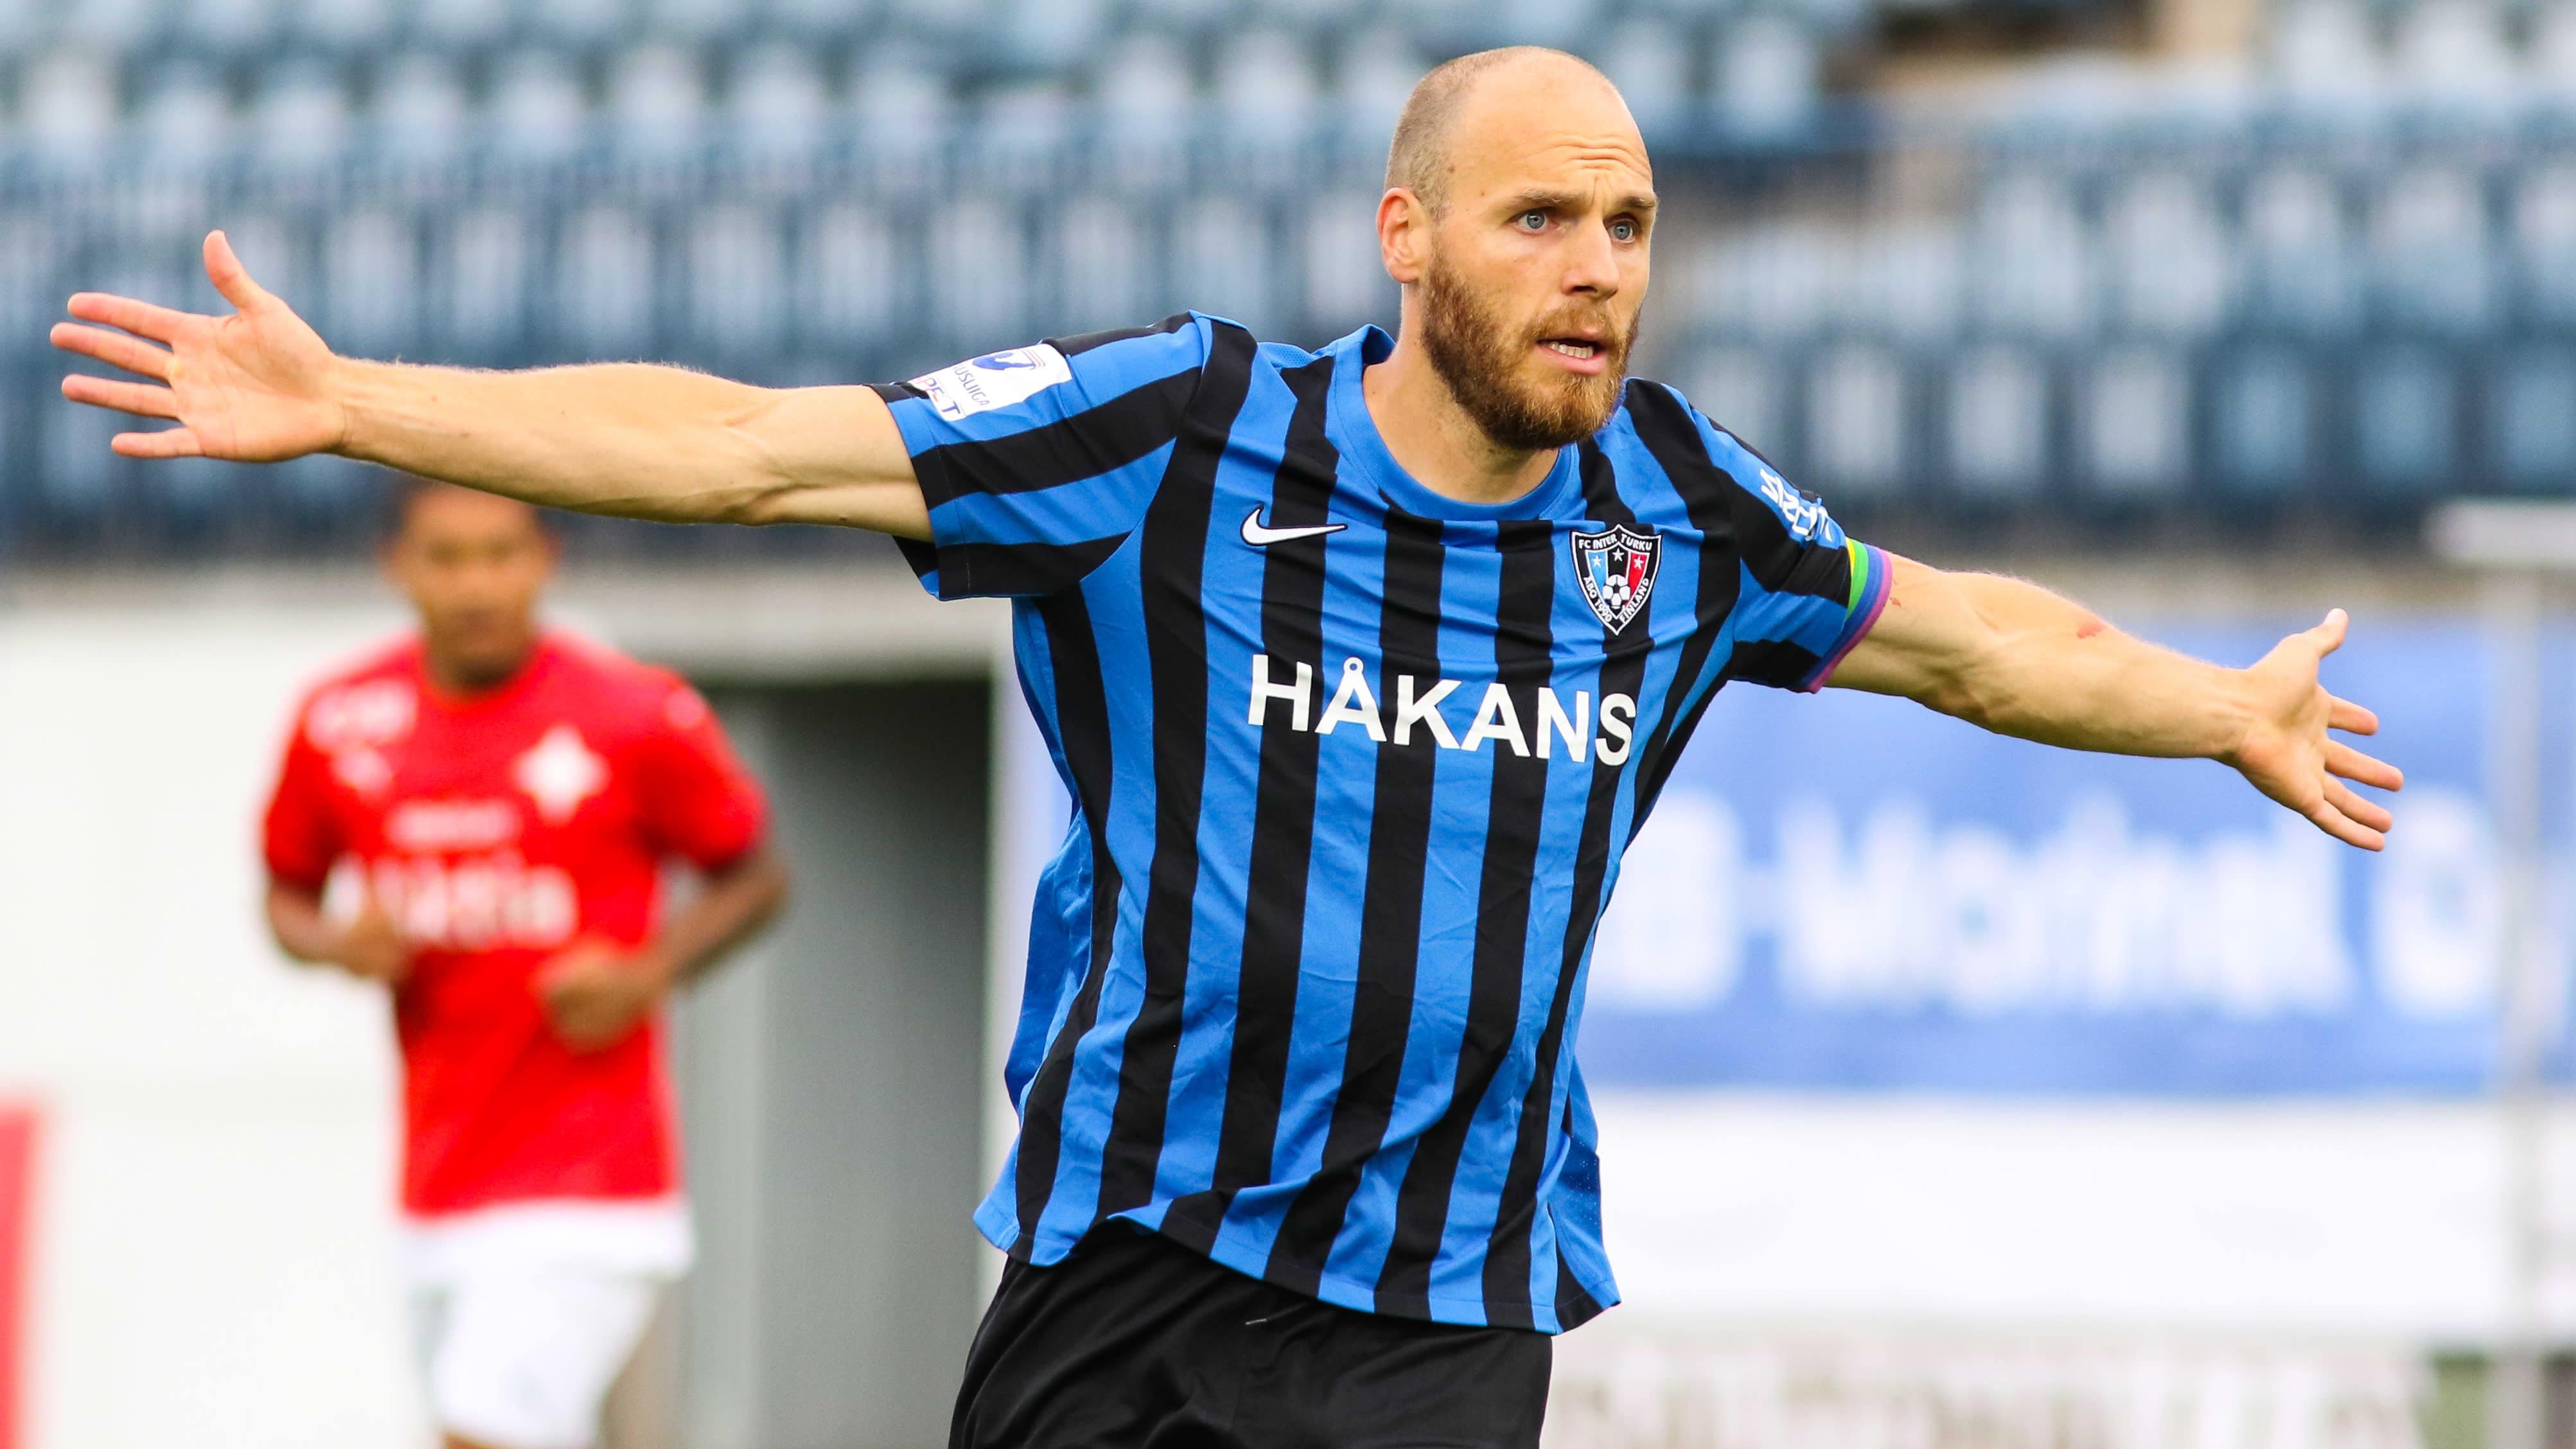 Timo Furuholm.